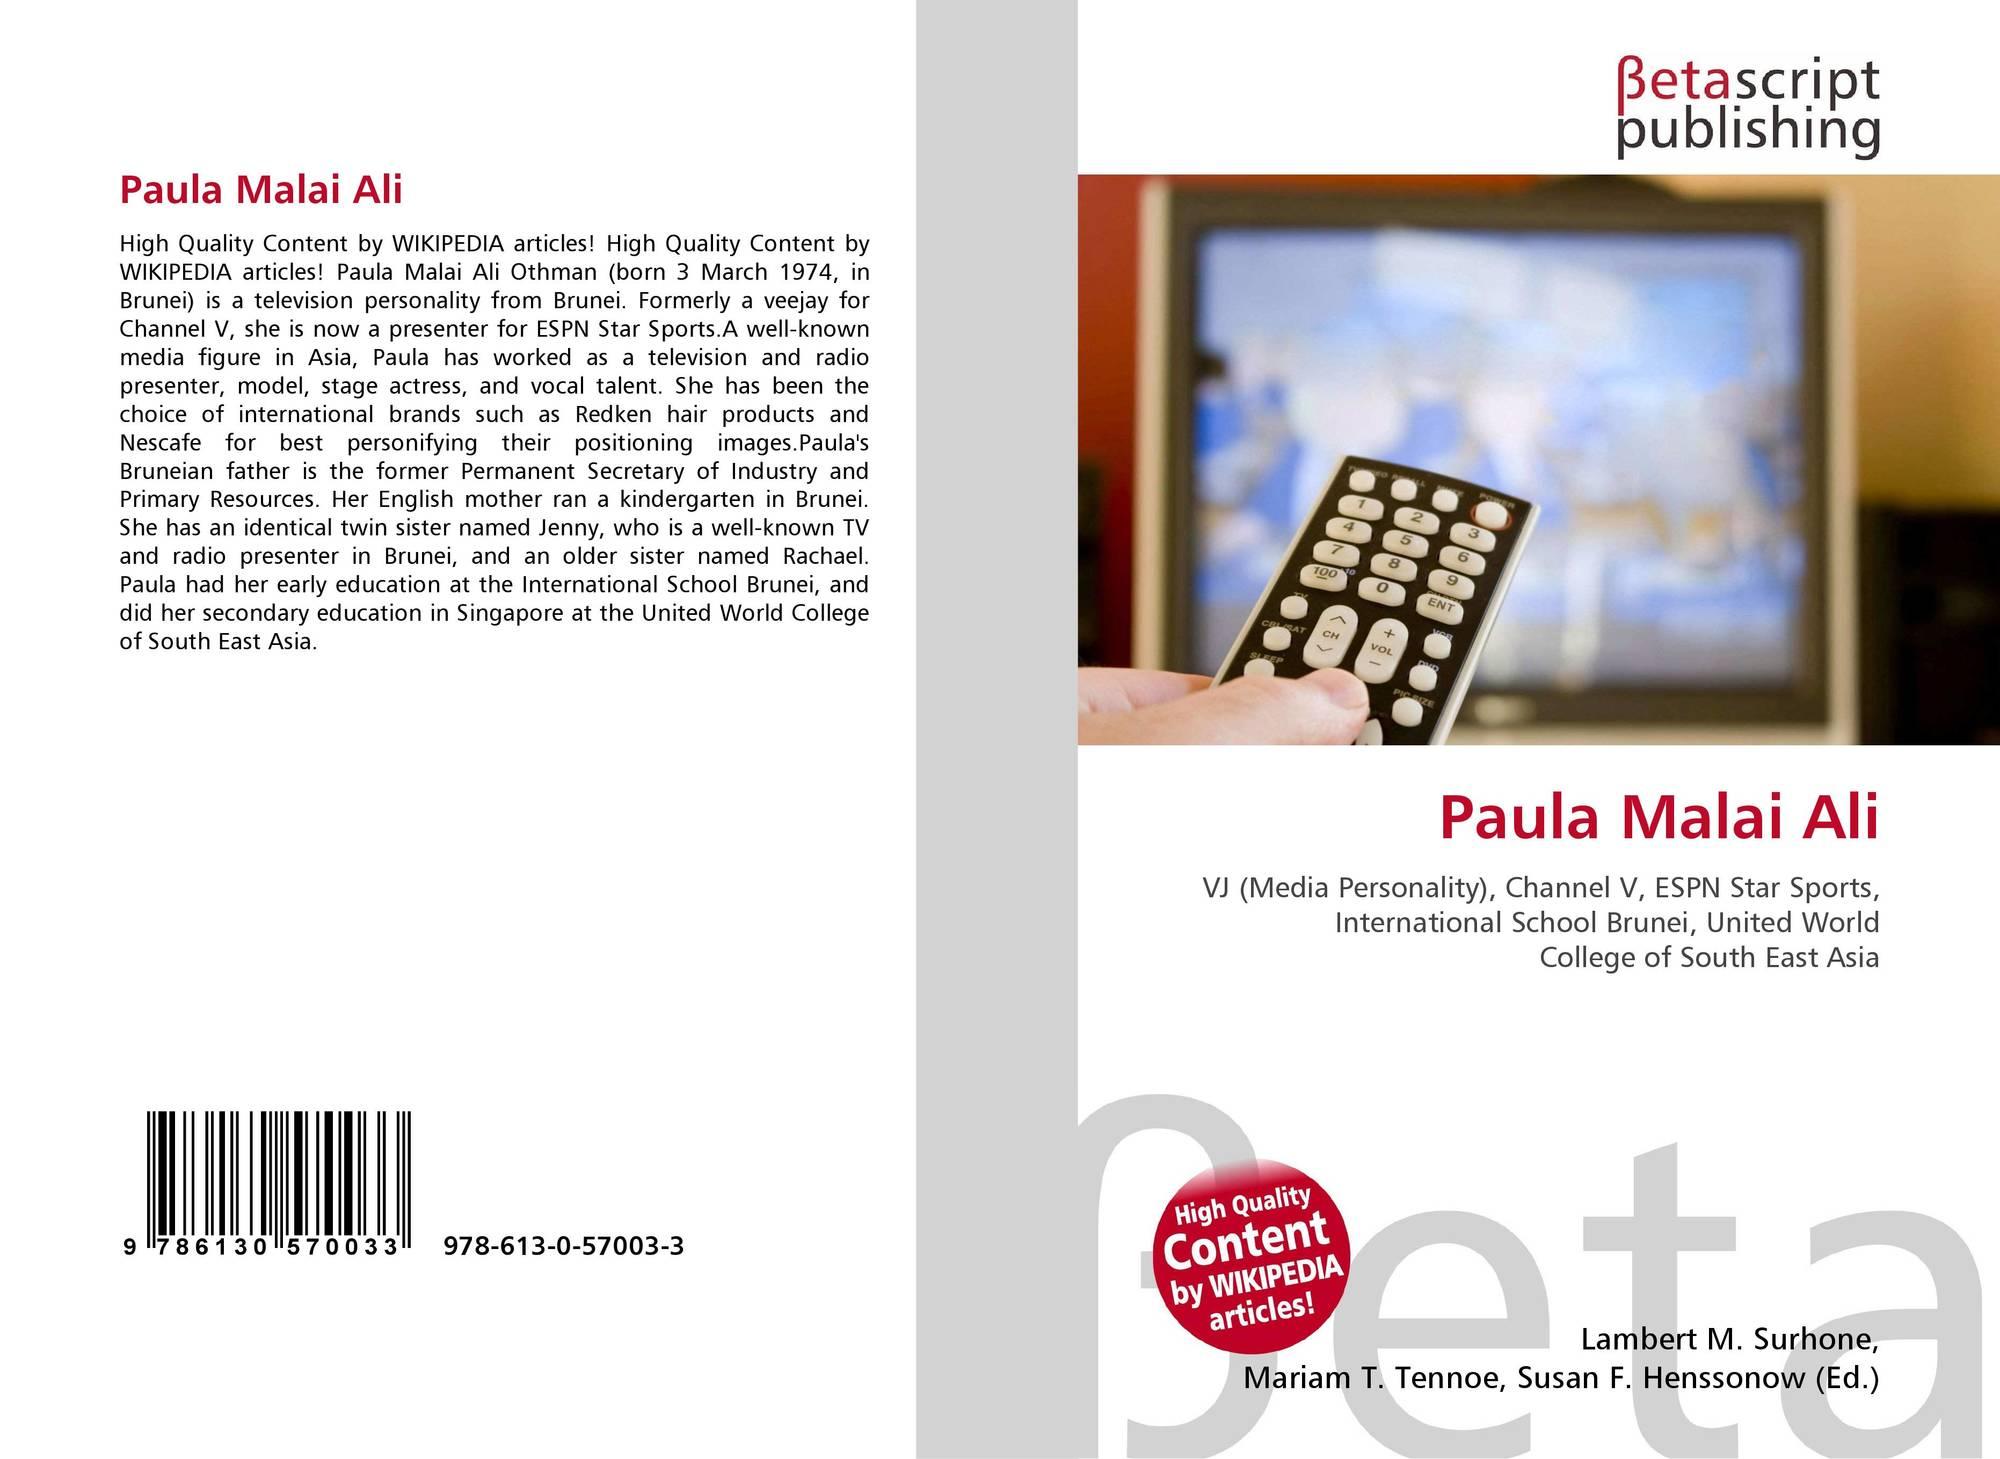 Paula Malai Ali, 978-613-0-57003-3, 6130570031 ,9786130570033